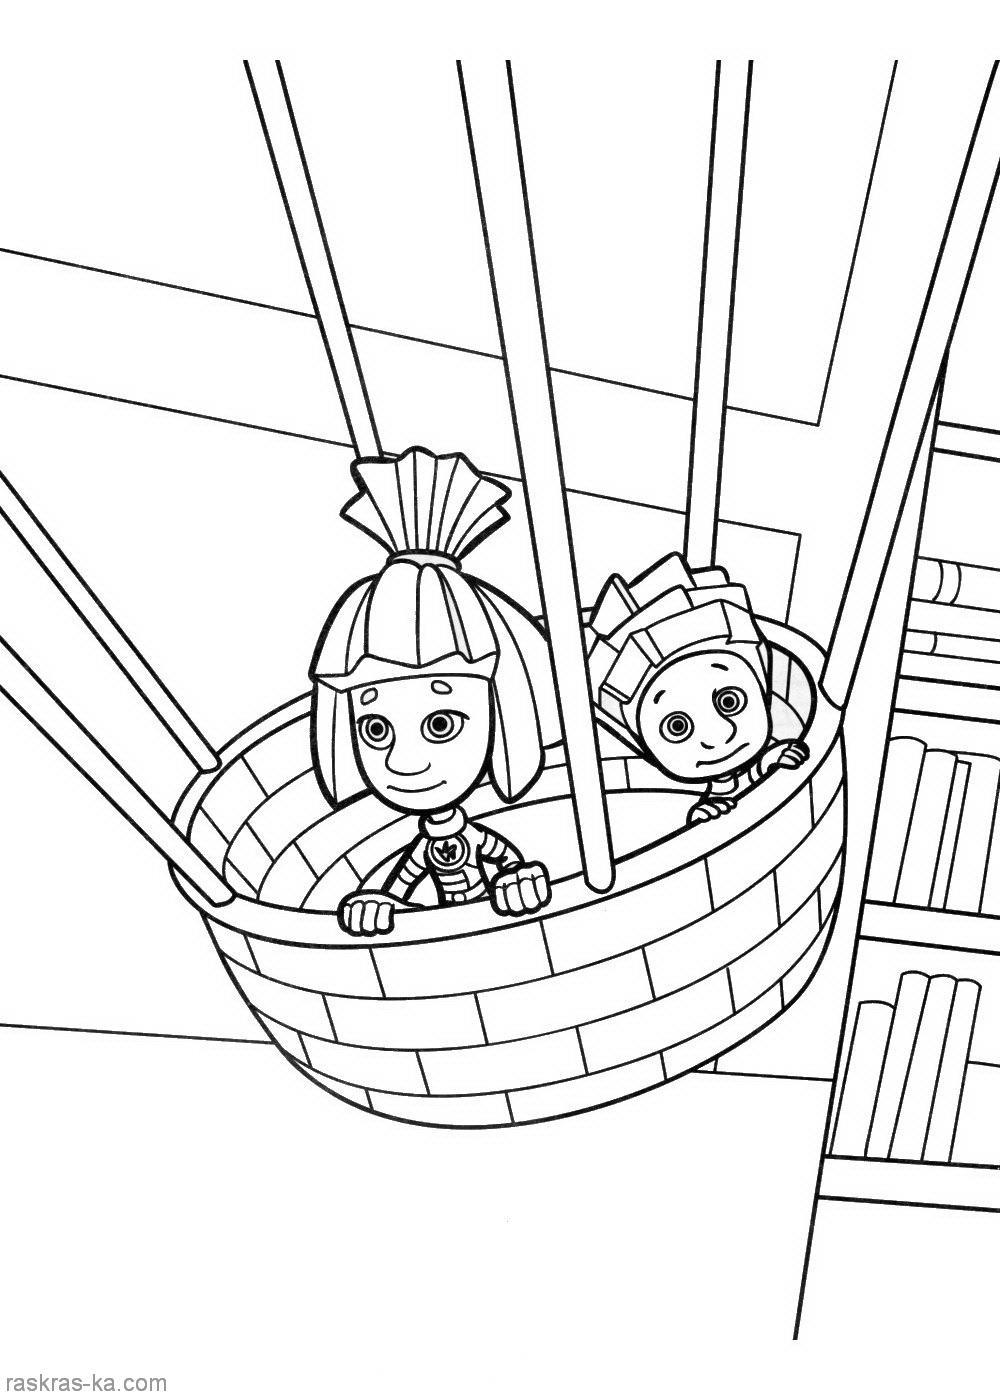 Раскраски из мультфильма Фиксики